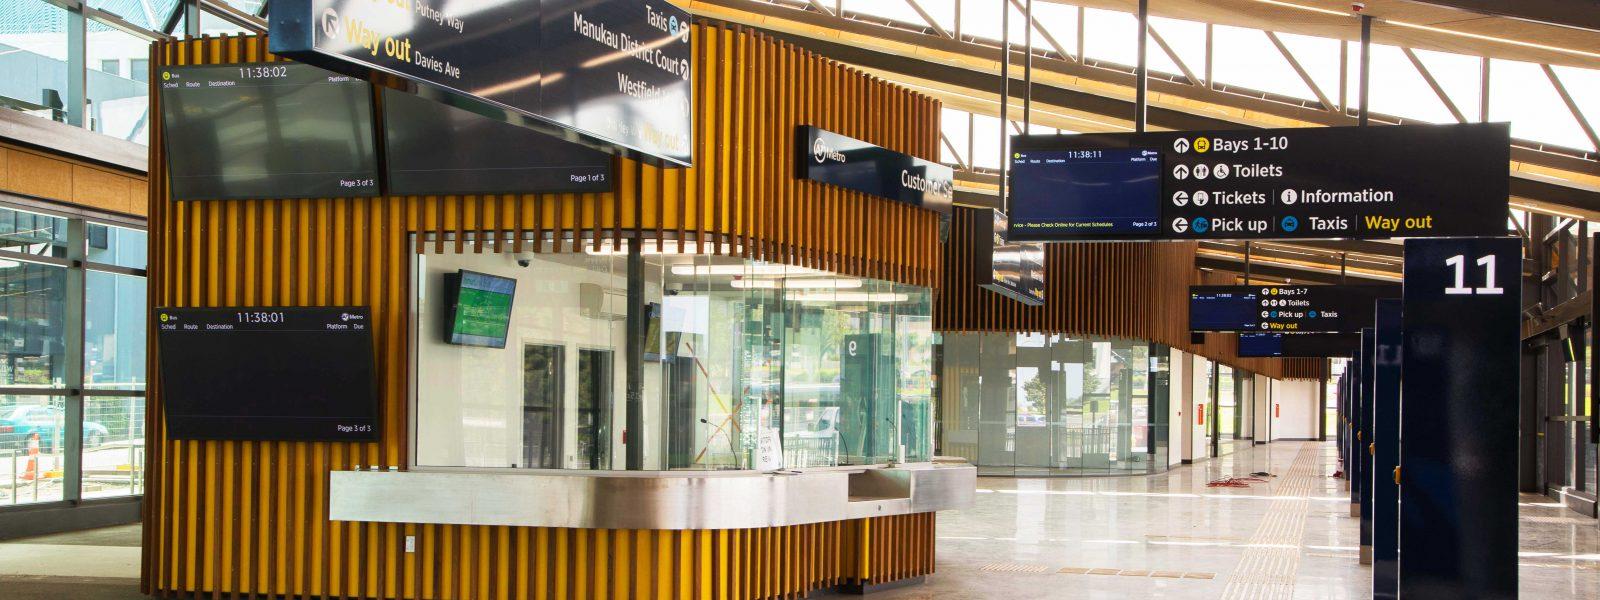 Manukau-bus-station-#2